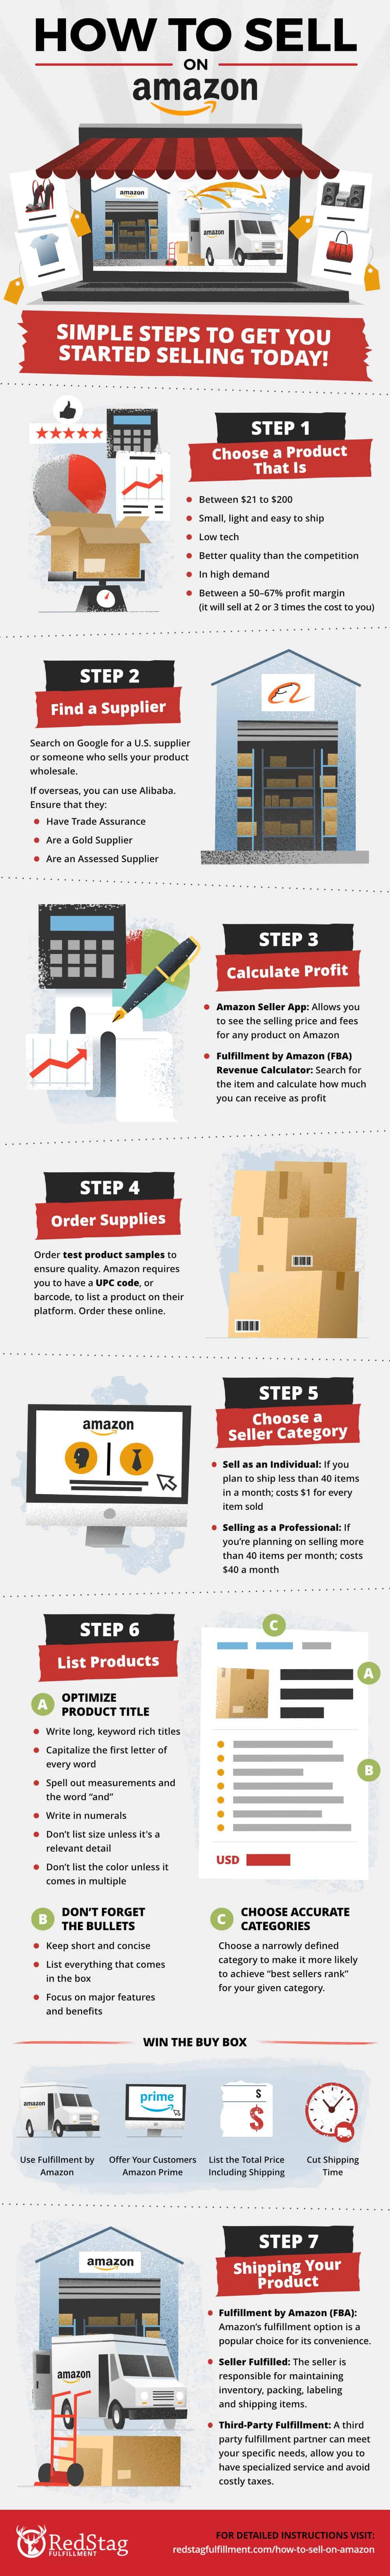 guia como vender en amazon infografia